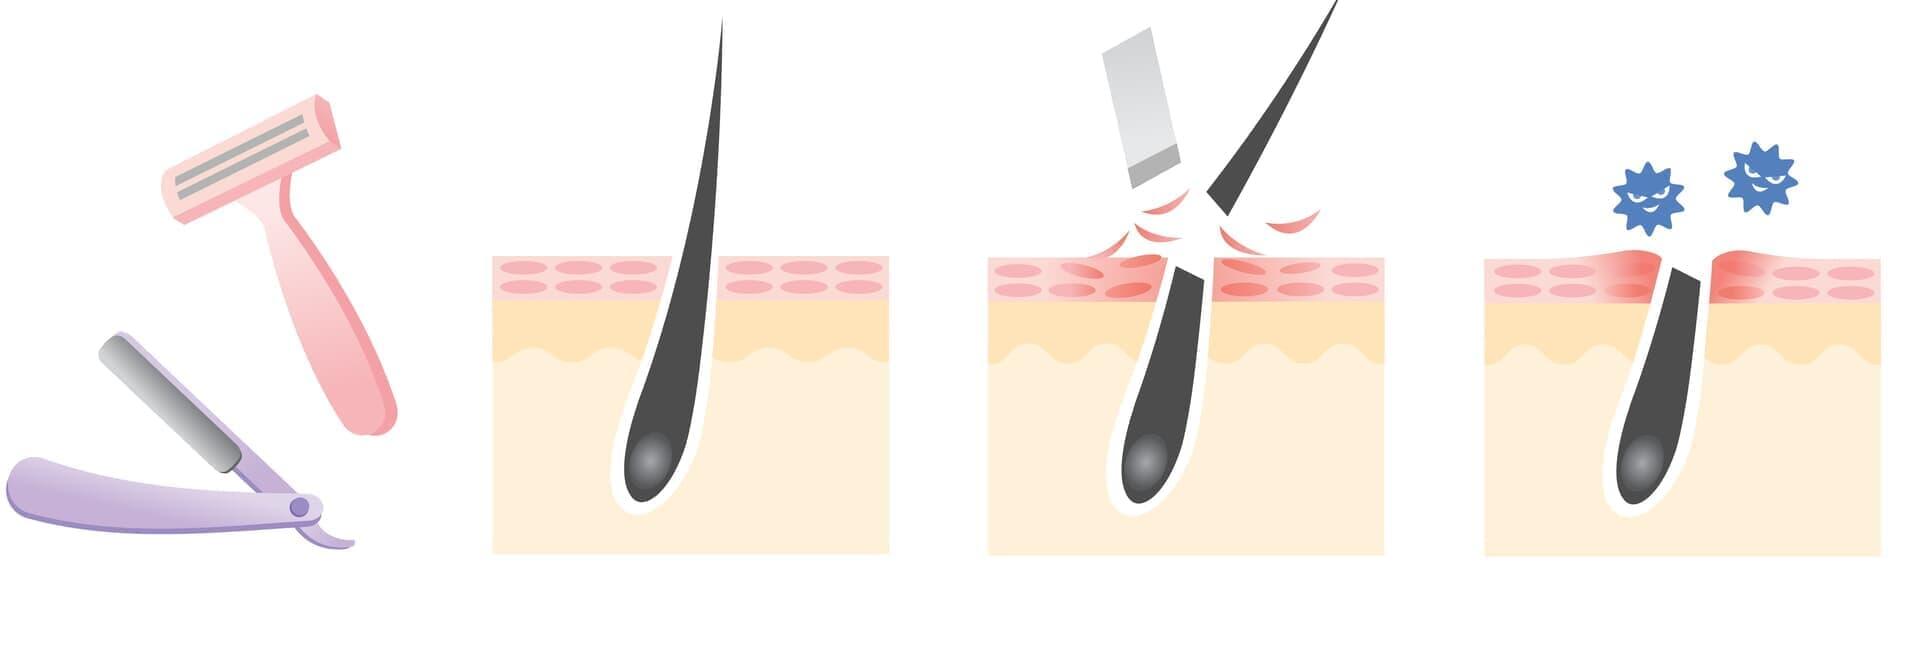 VIOラインの毛をカミソリで剃るのは手軽だけど危険